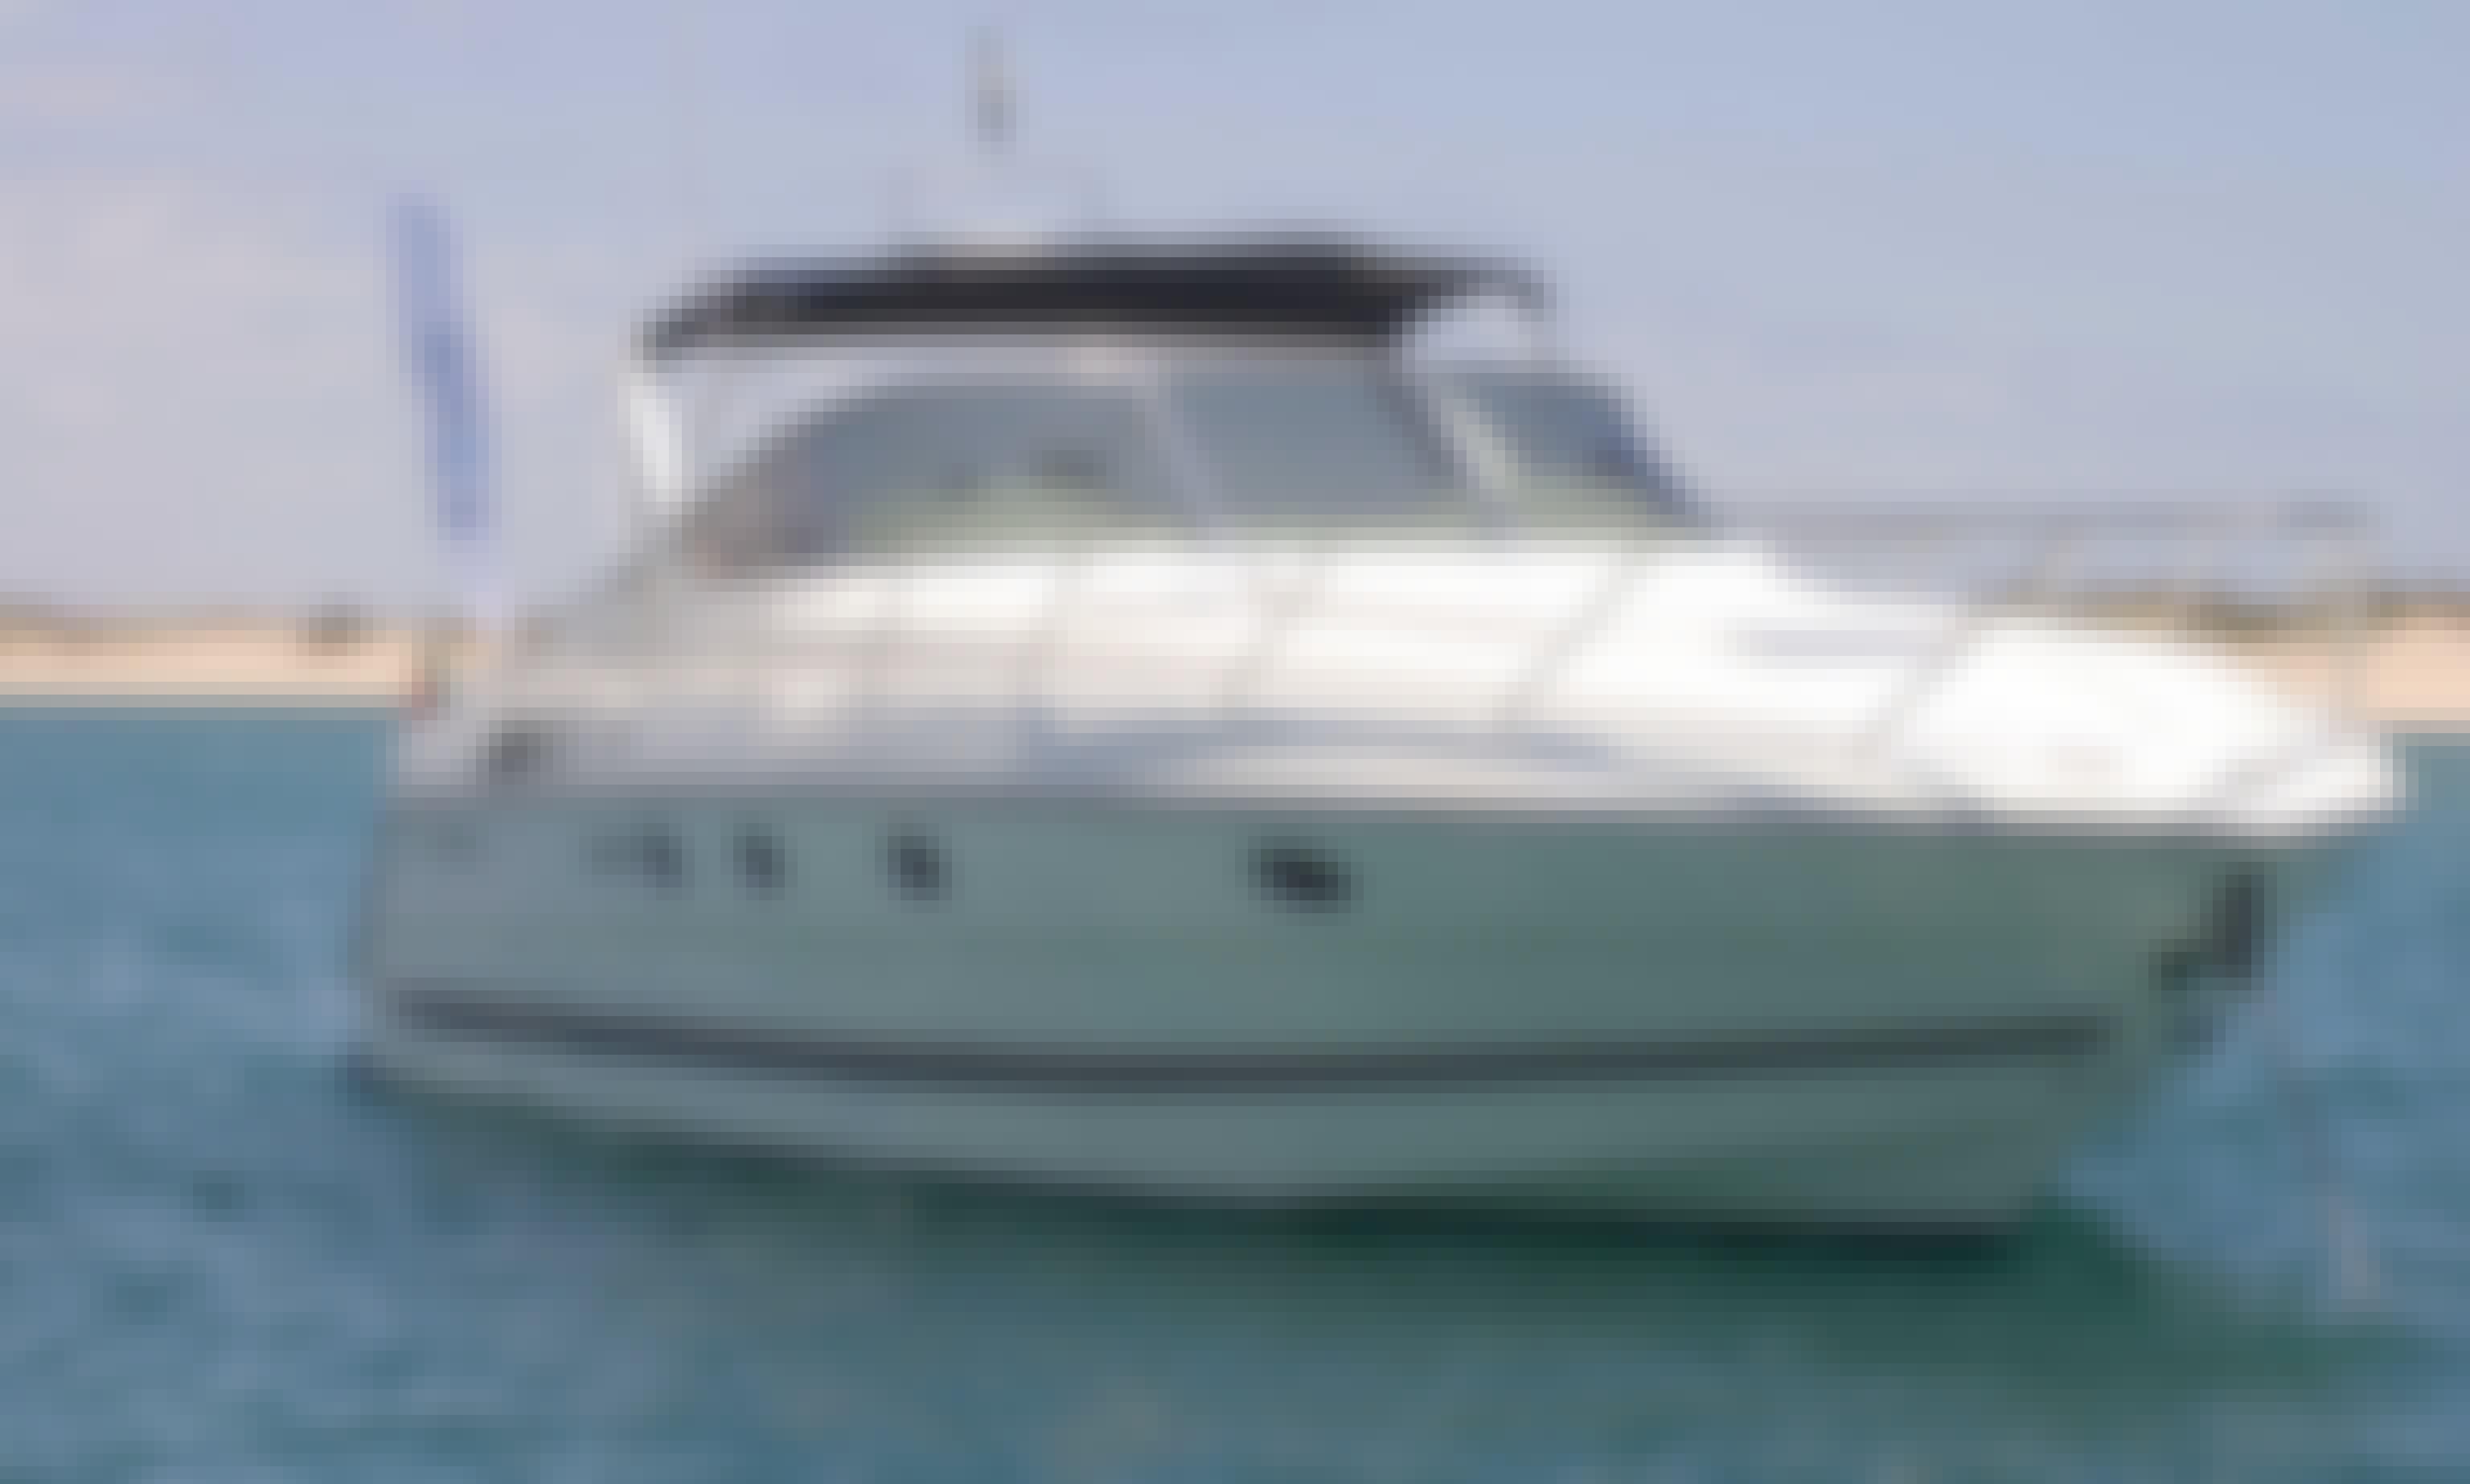 Motor Yacht Private Boat Trips in Algarve, Portugal